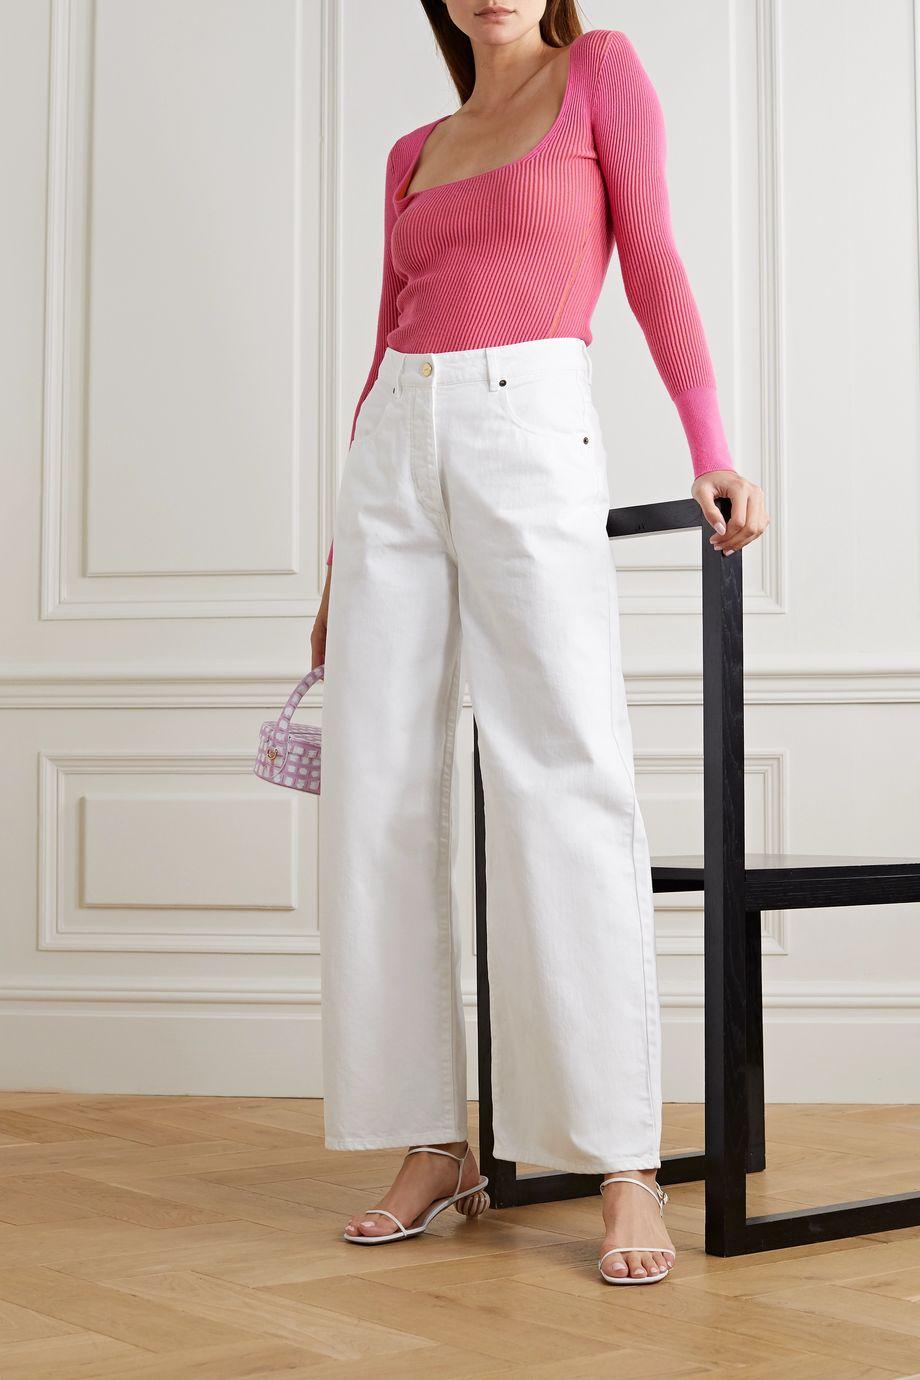 Jacquemus Nîmes high-rise wide-leg jeans